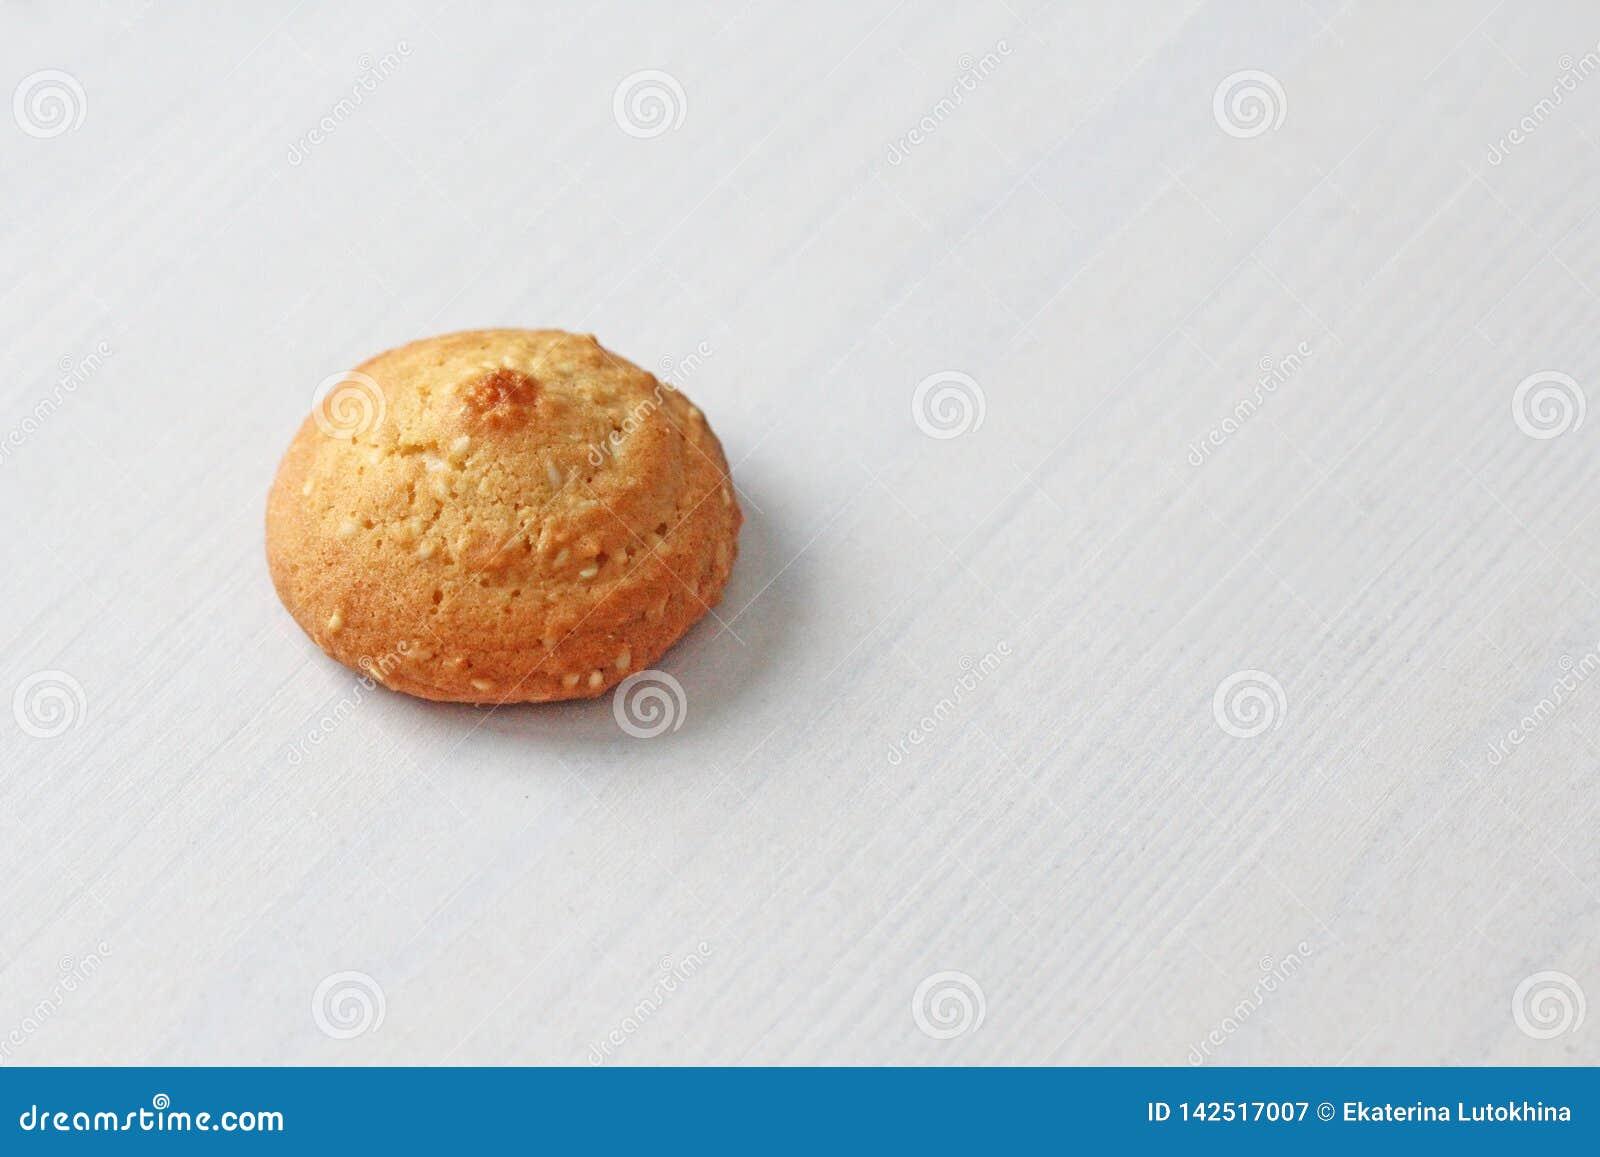 Kakor på en vit bakgrund som är liknande till kvinnliga nipplar Sexiga nipplar i form av kakor Blidka den dubbla betydelsen